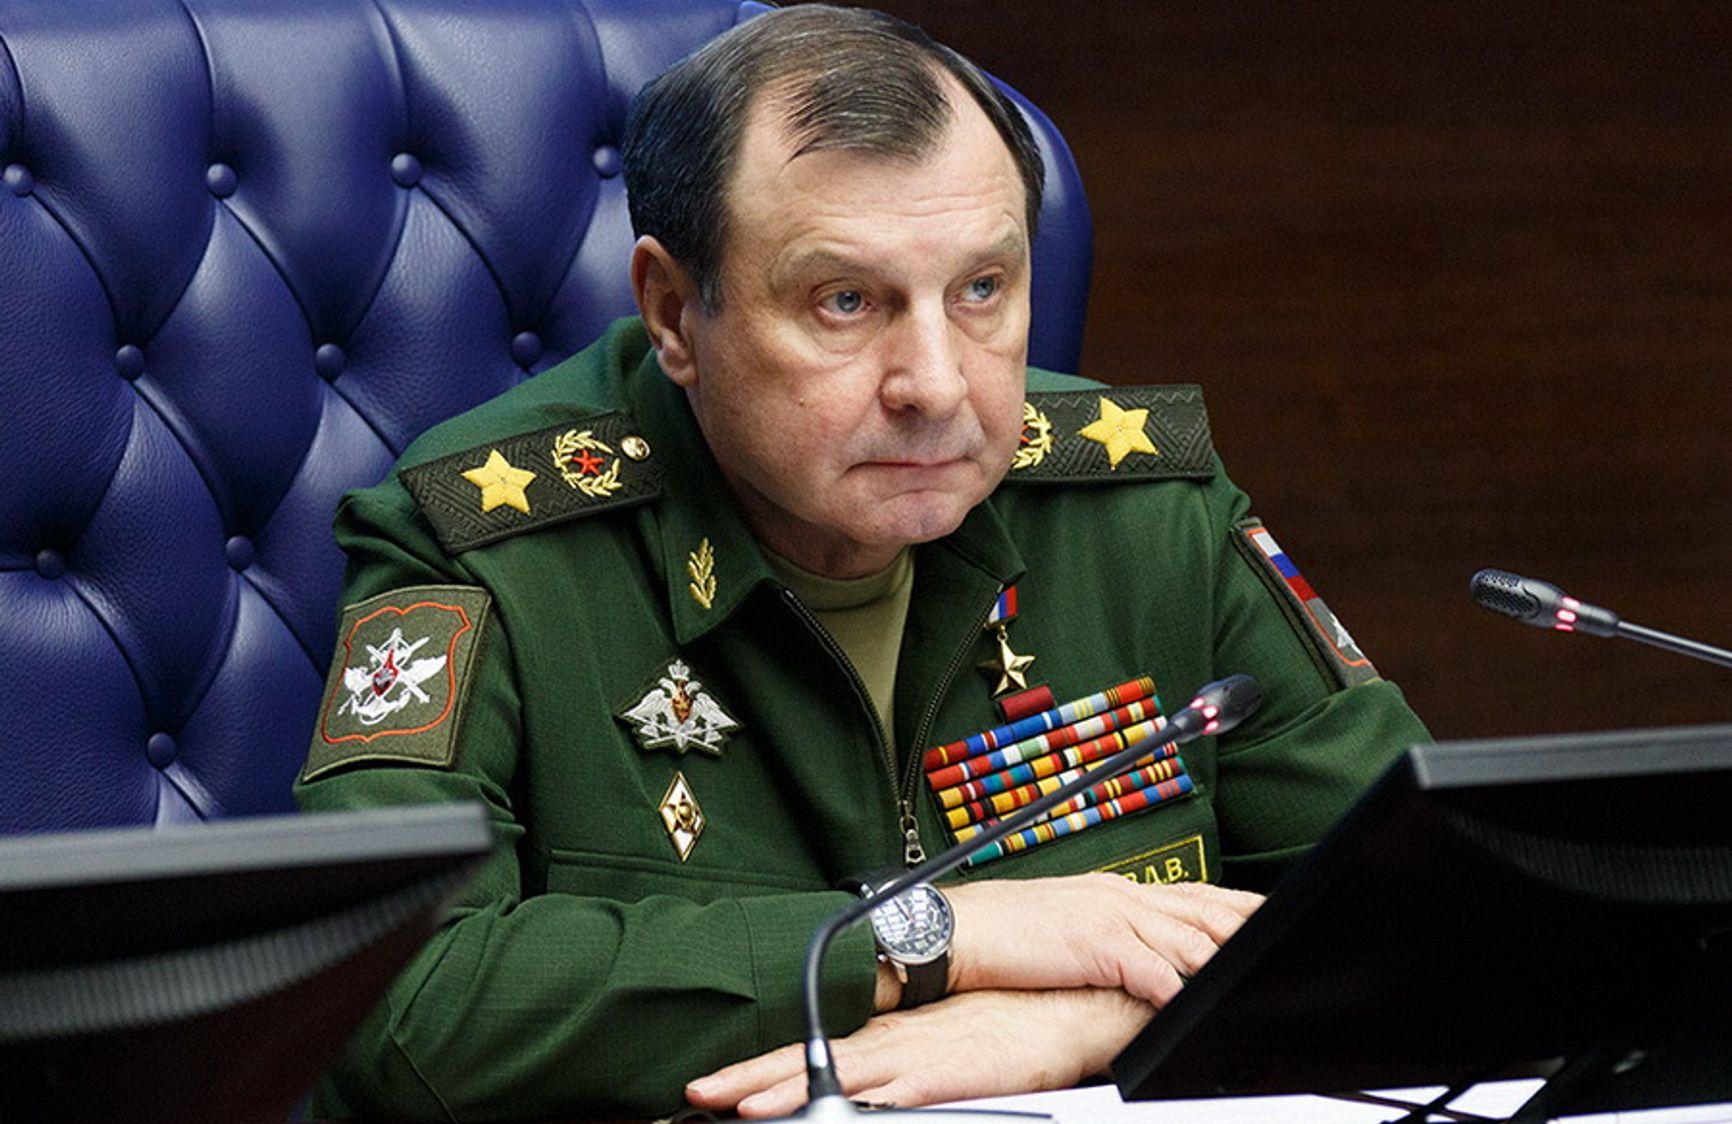 Заместитель министра обороны РФ, Герой России генерал армии Дмитрий Булгаков